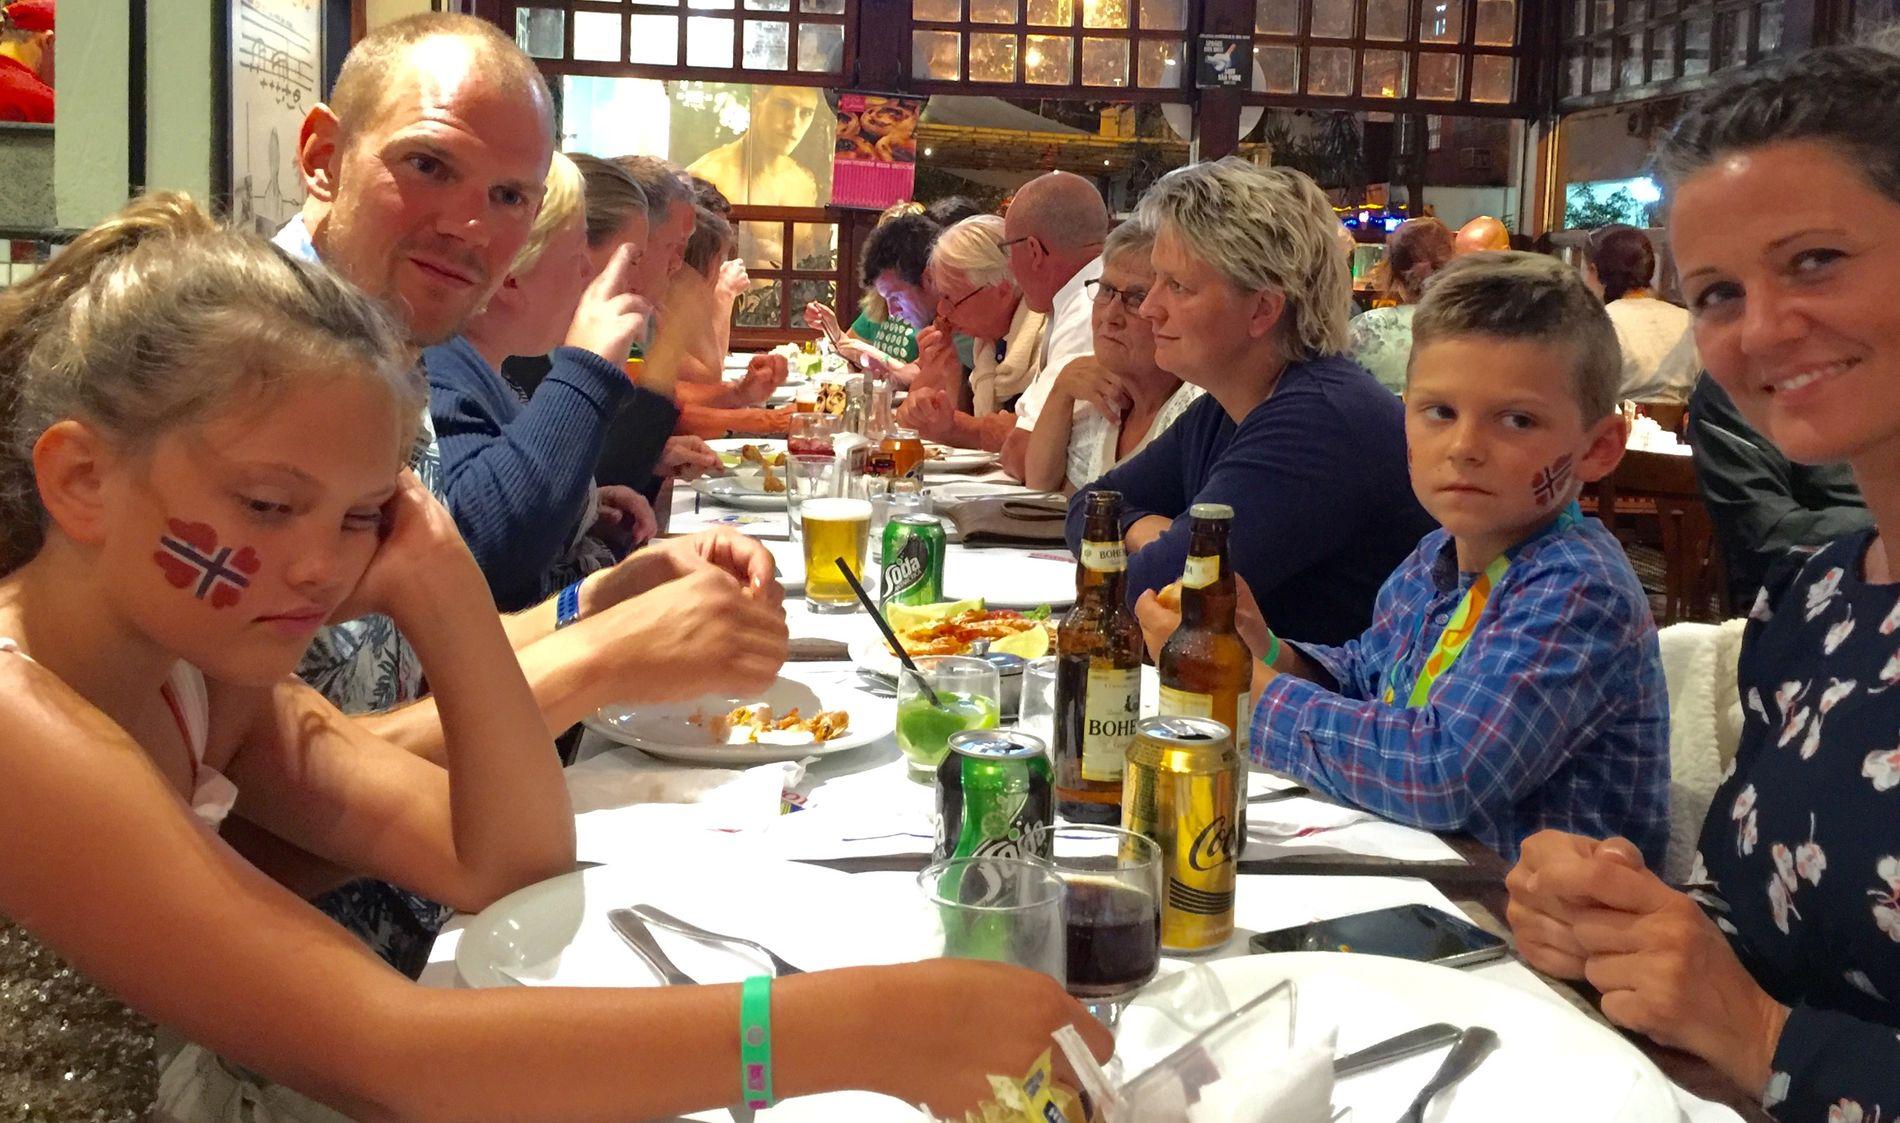 SLITNE ETTER STOR DAG: Olaf Tufte og kona Aina sammen med barna Mie og Herman rett før de tok turen hjem i seng etter et beginivenhetsrik dag. - Høydepunktet var å være med pappa på seierspallen, sa begge barna til VG.